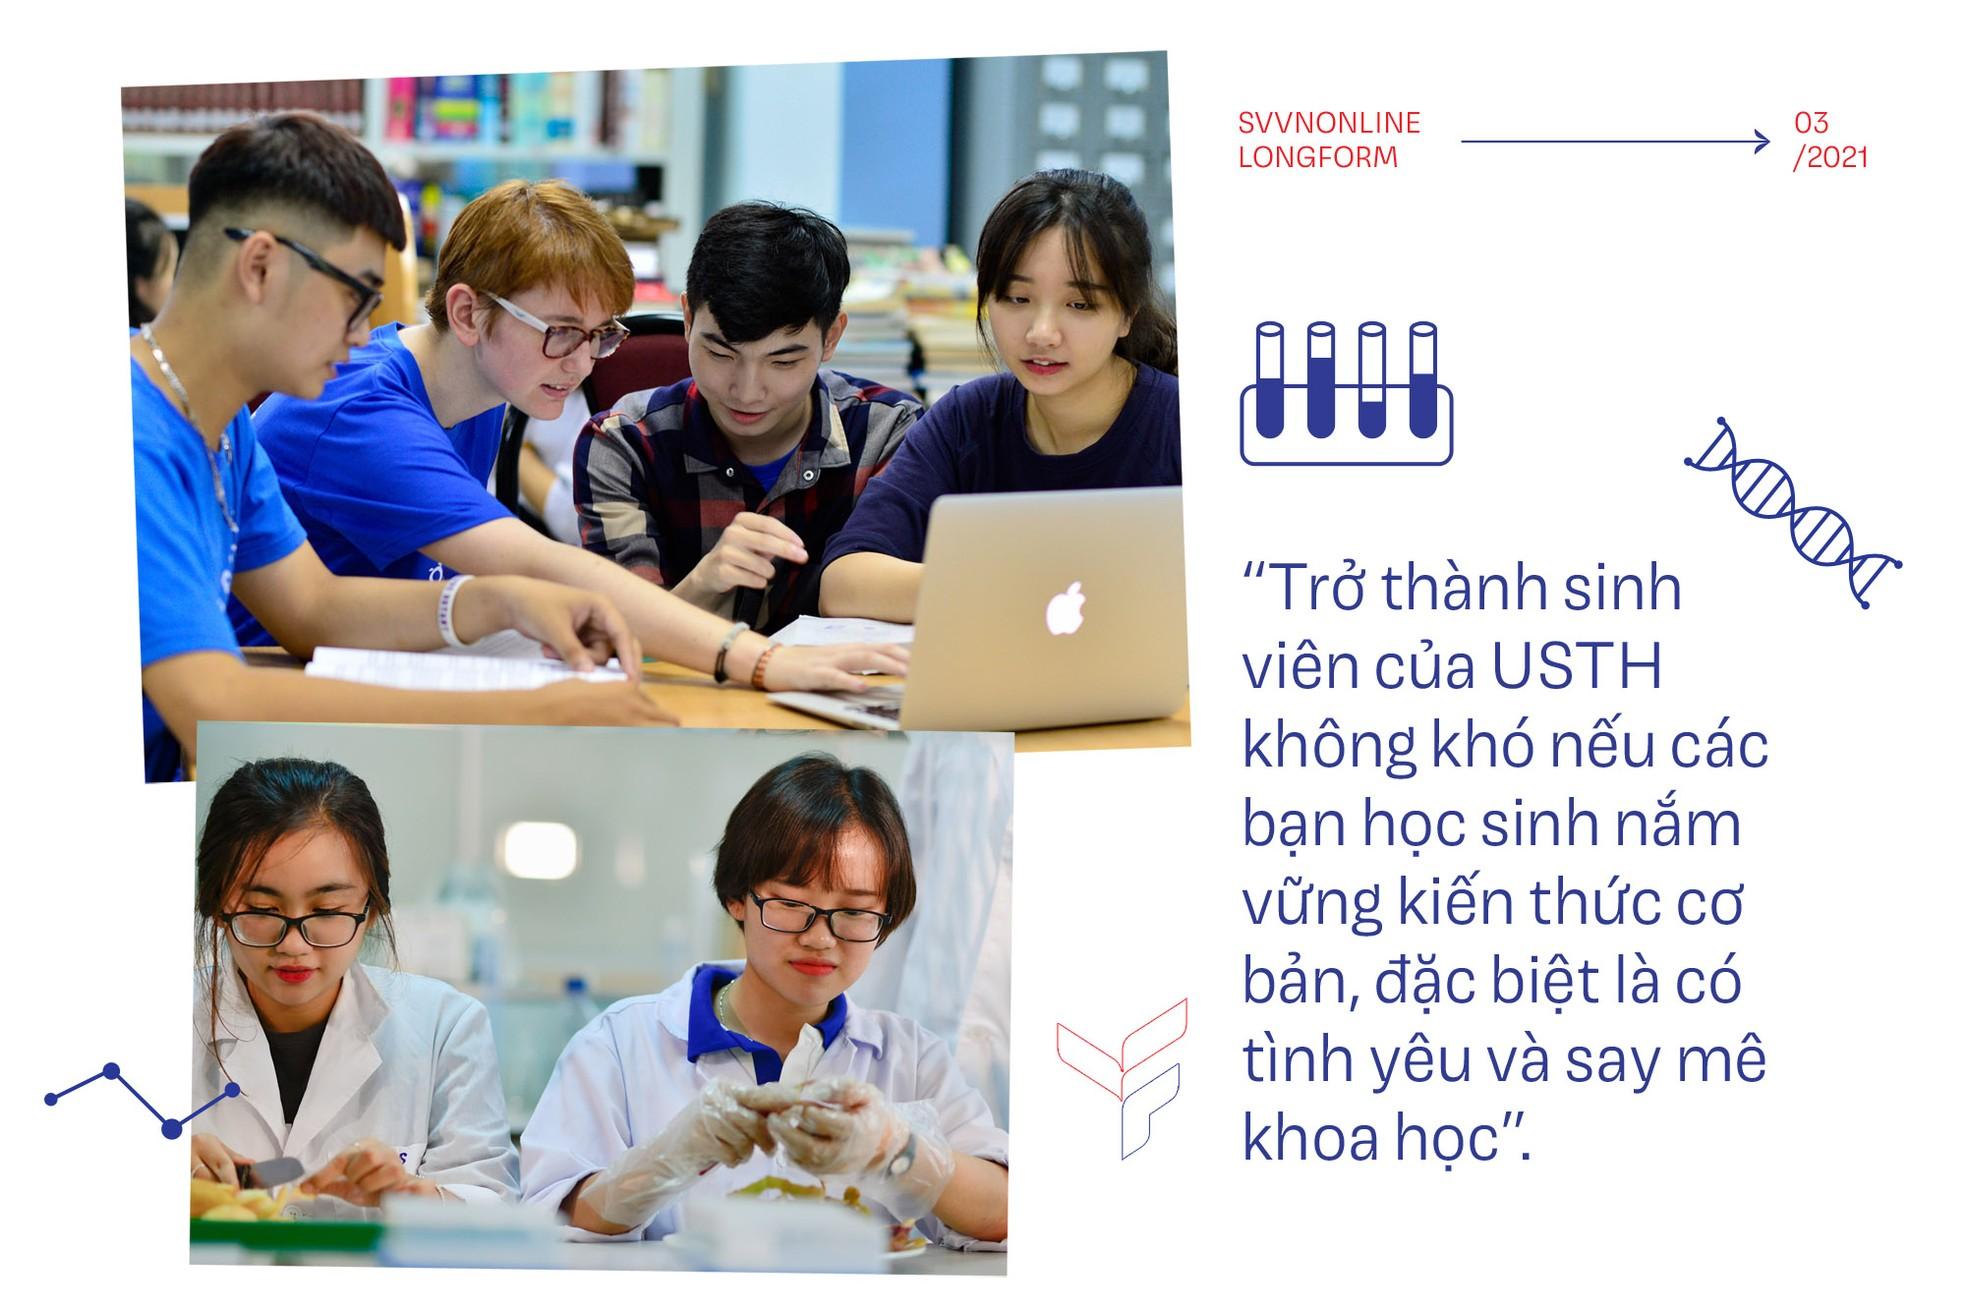 Đại học công lập quốc tế trực thuộc Viện hàn lâm dành cho học sinh yêu khoa học công nghệ ảnh 3